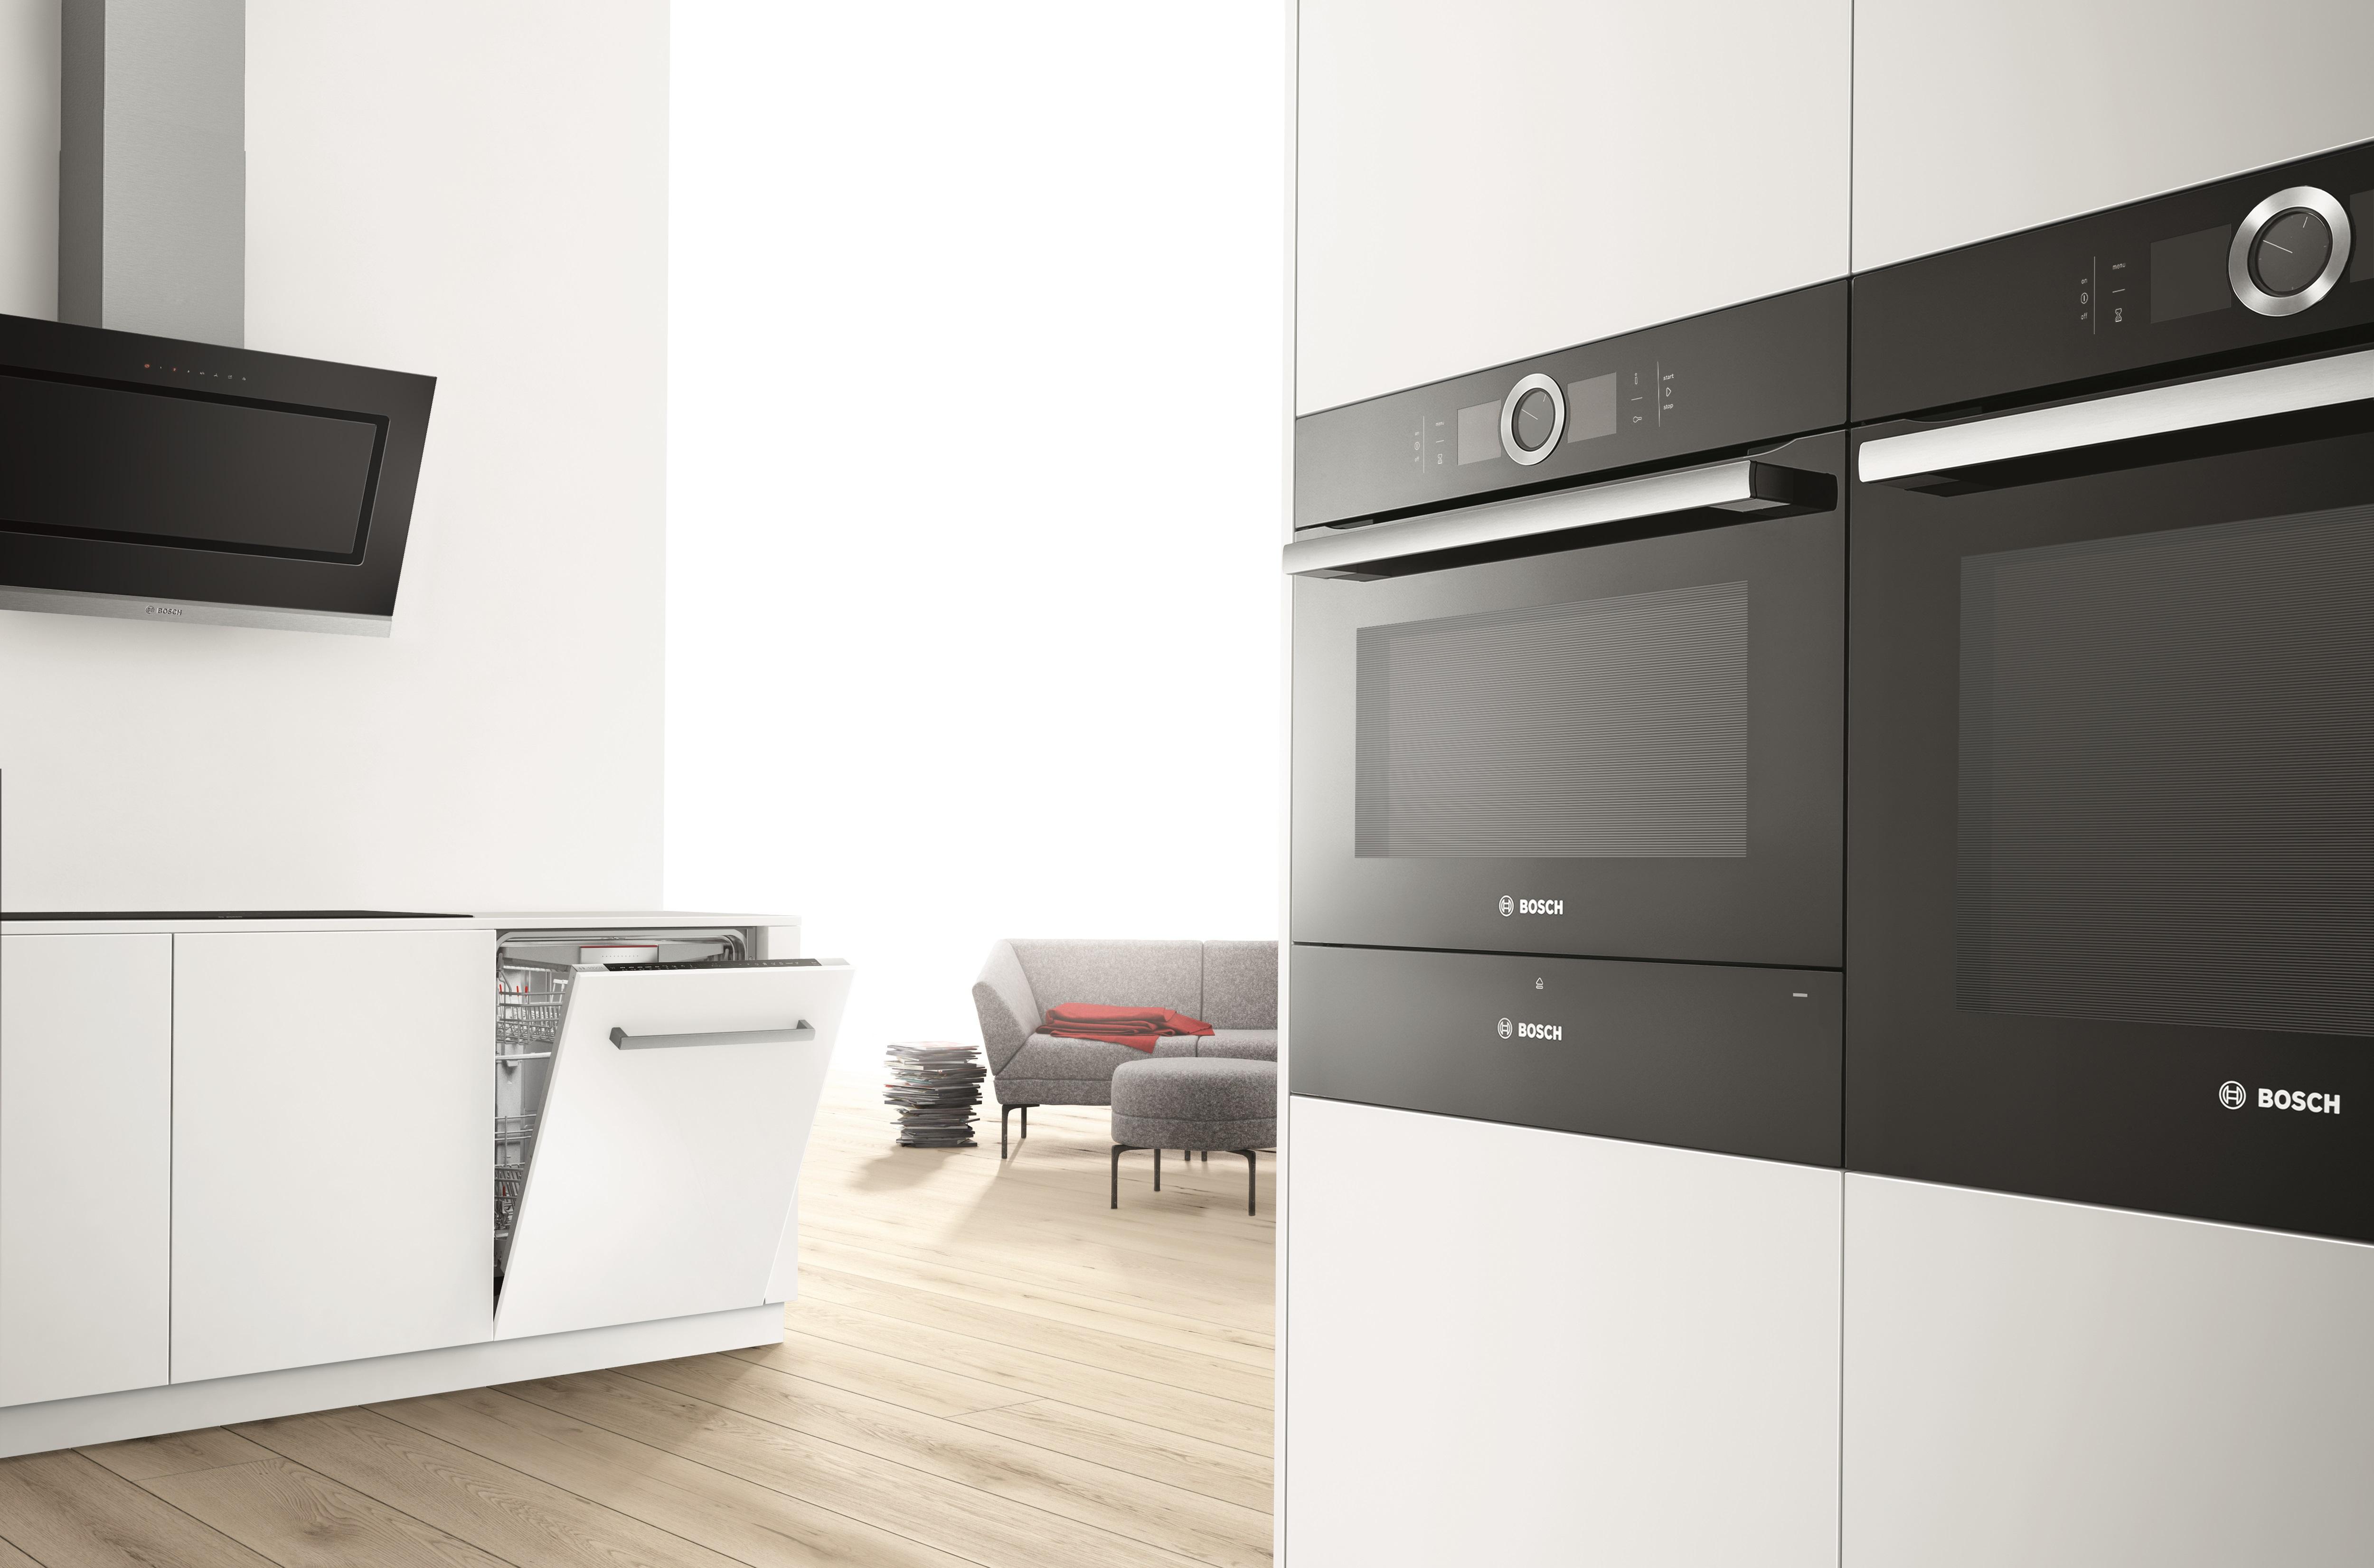 Gemütlich Küche Mit Schwarzen Geräten Bilder - Ideen Für Die Küche ...